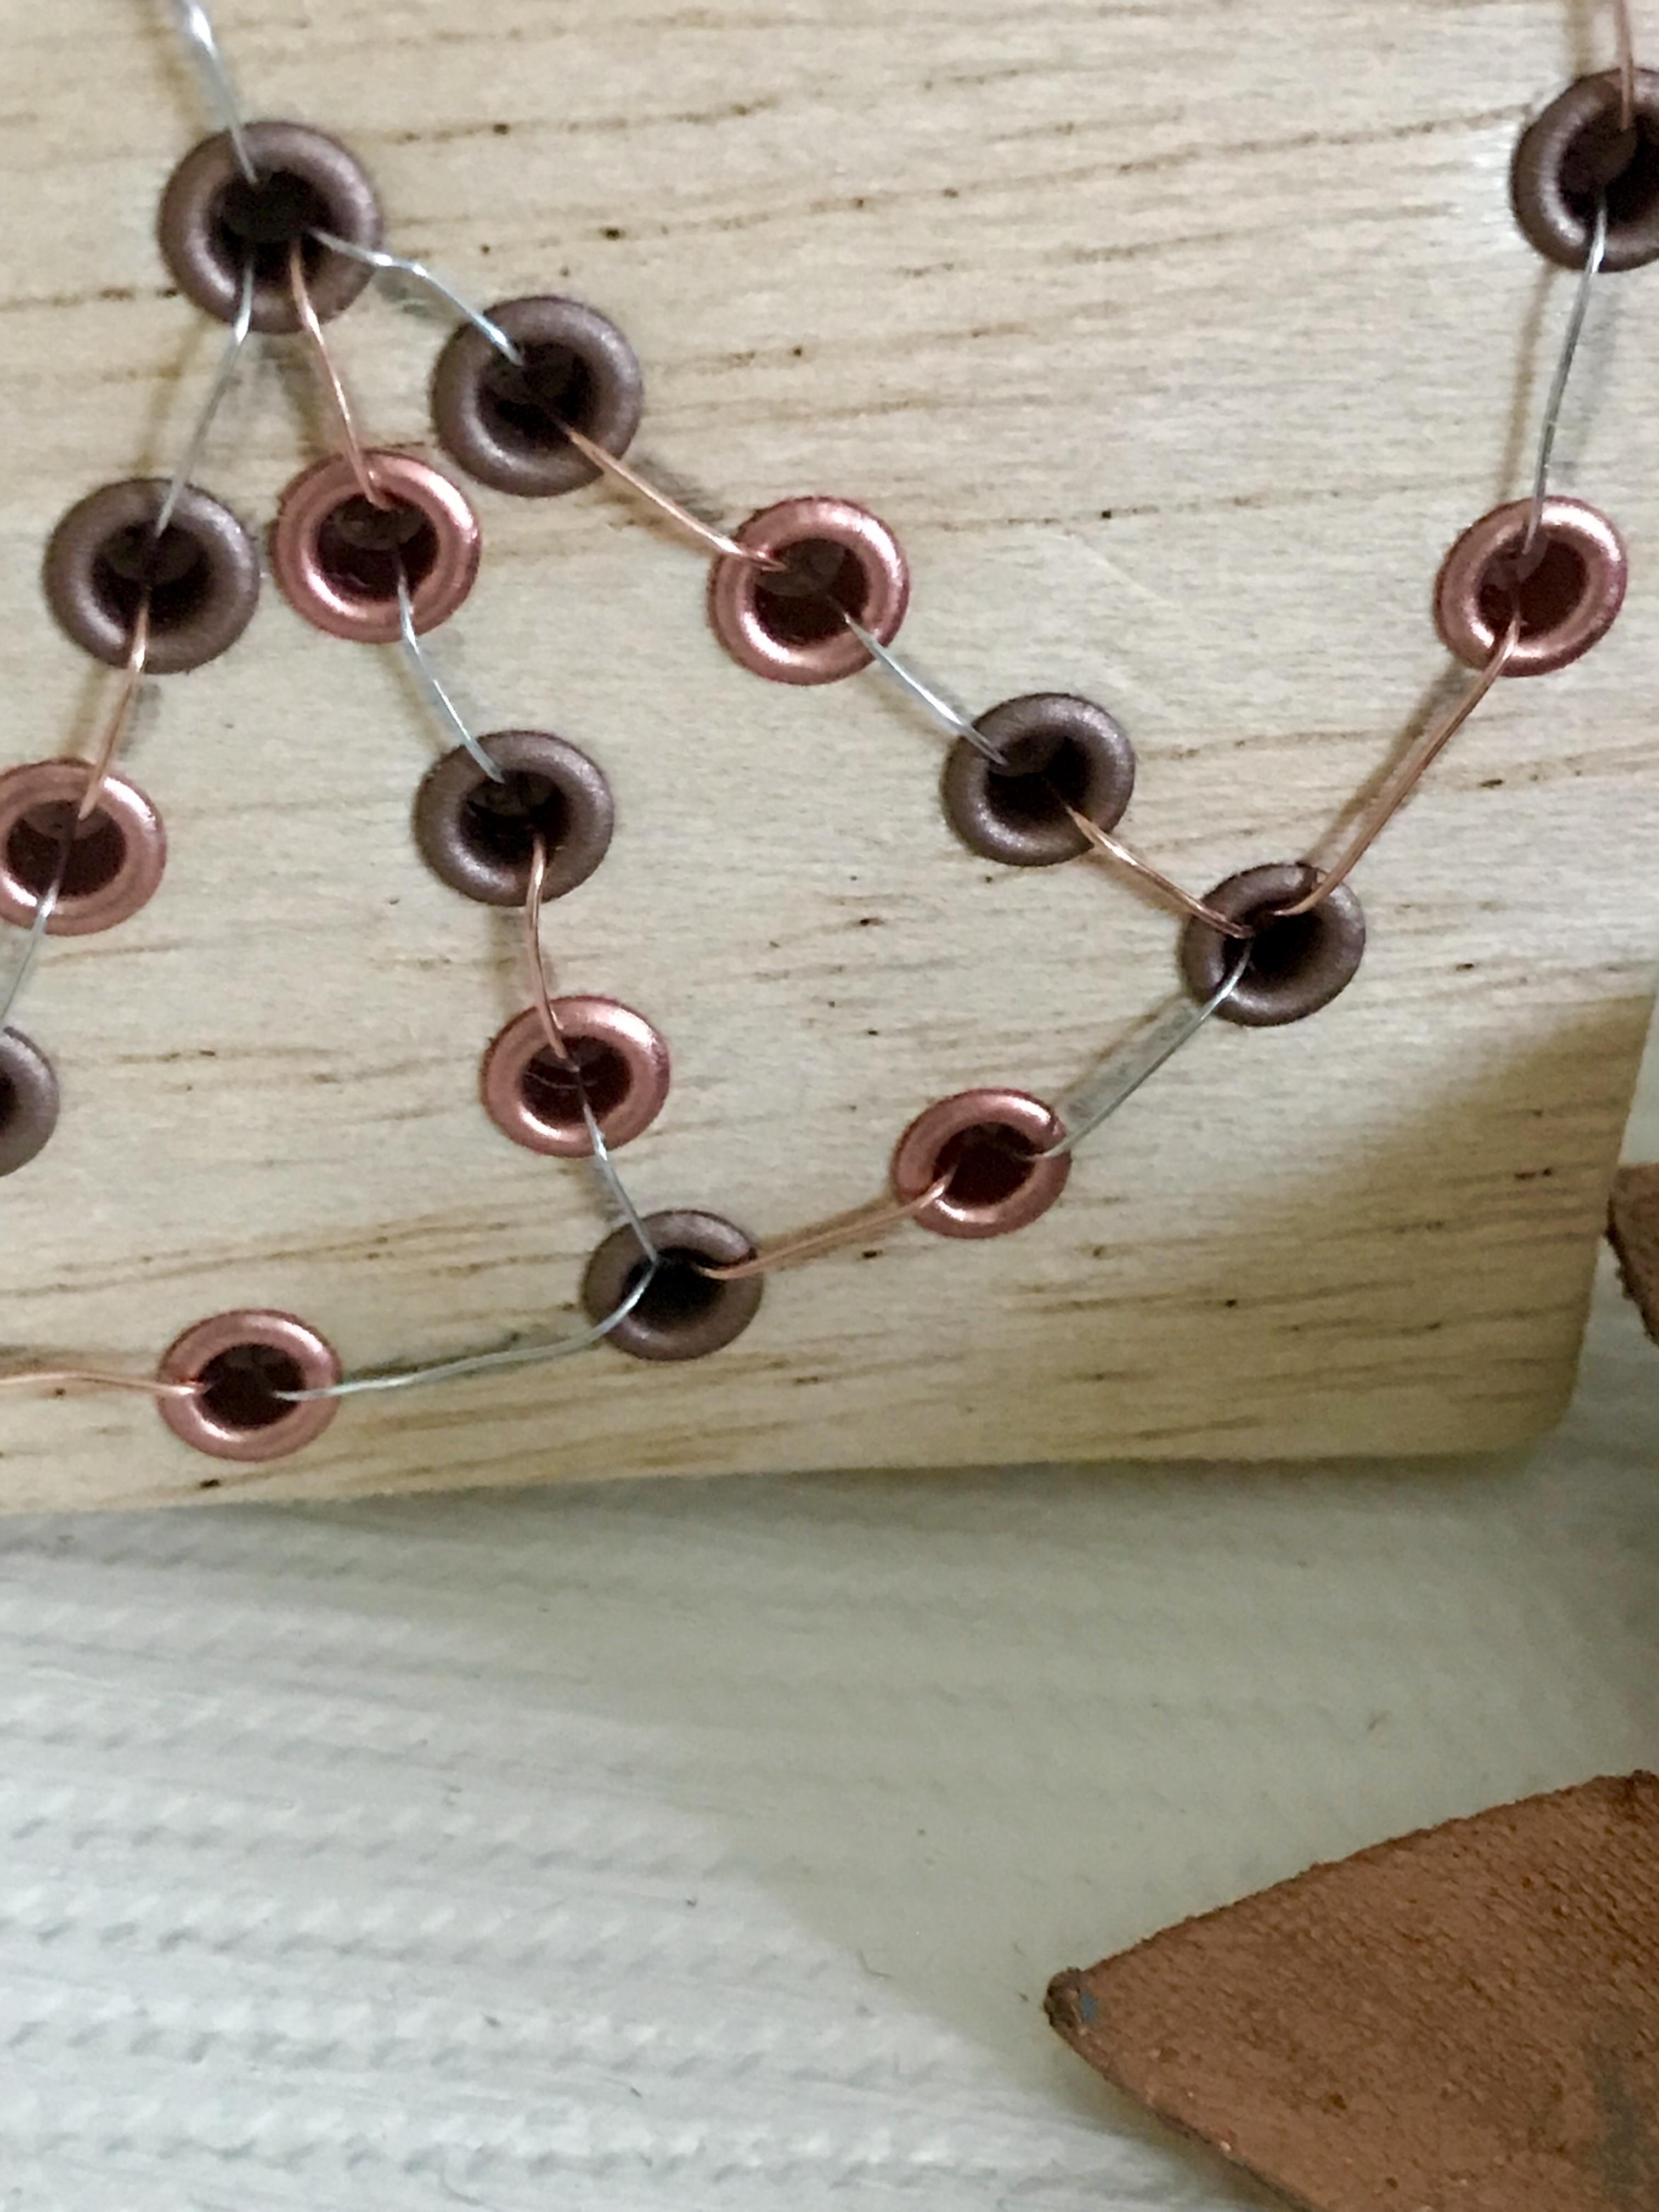 Peace-Symbol mit Eyelets in Balsaholz gezaubert, Kleines, feines DIY mit Kupferösen basteln. #Chalet8, #Peace